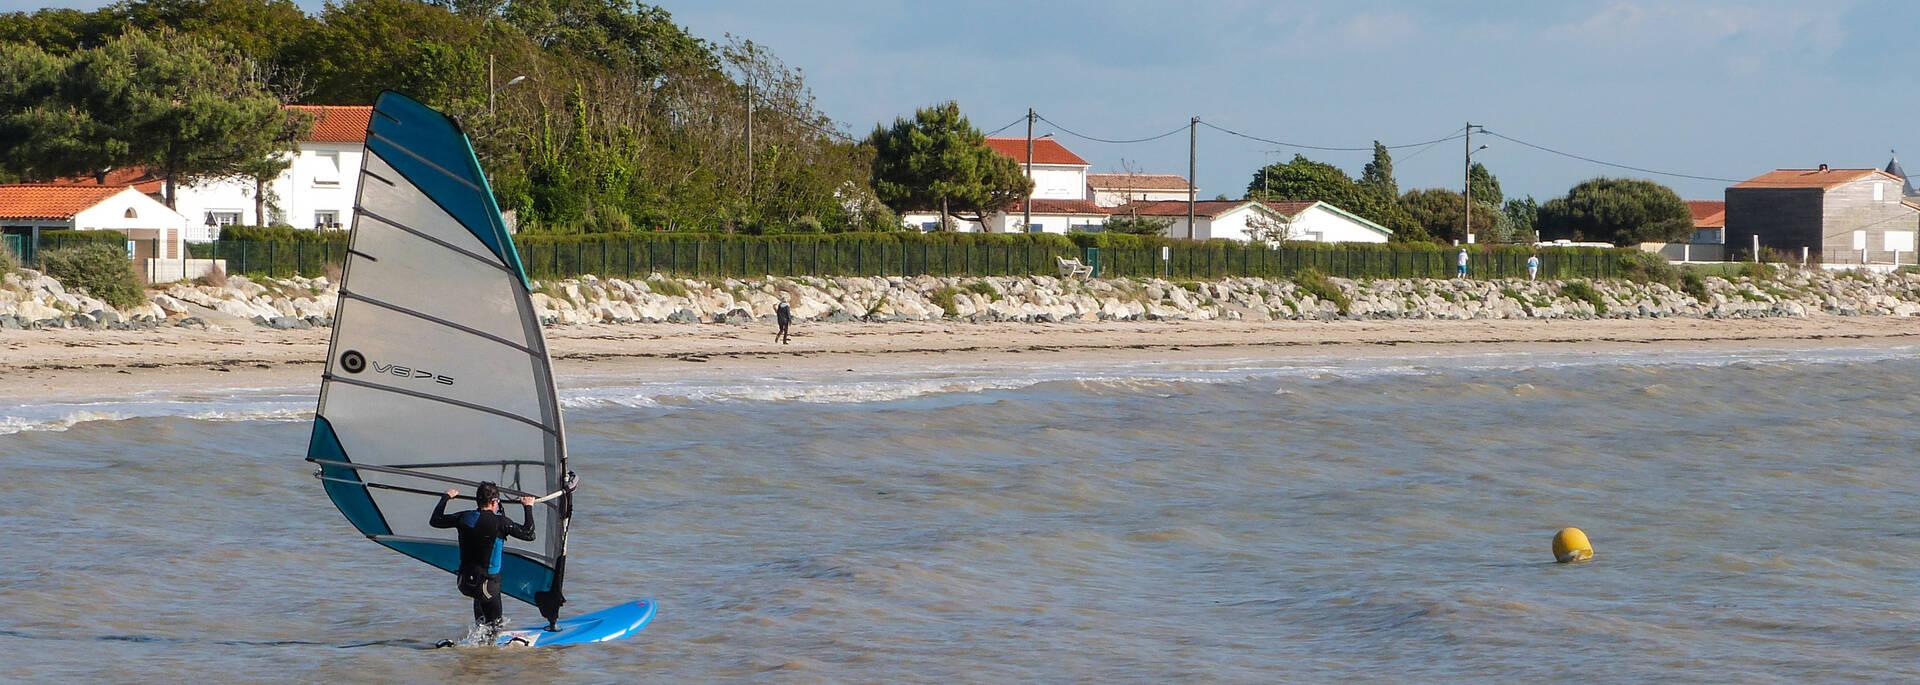 Pratique de la planche à voile à la plage de l'Espérance de Fouras - © Office de tourisme Rochefort Océan